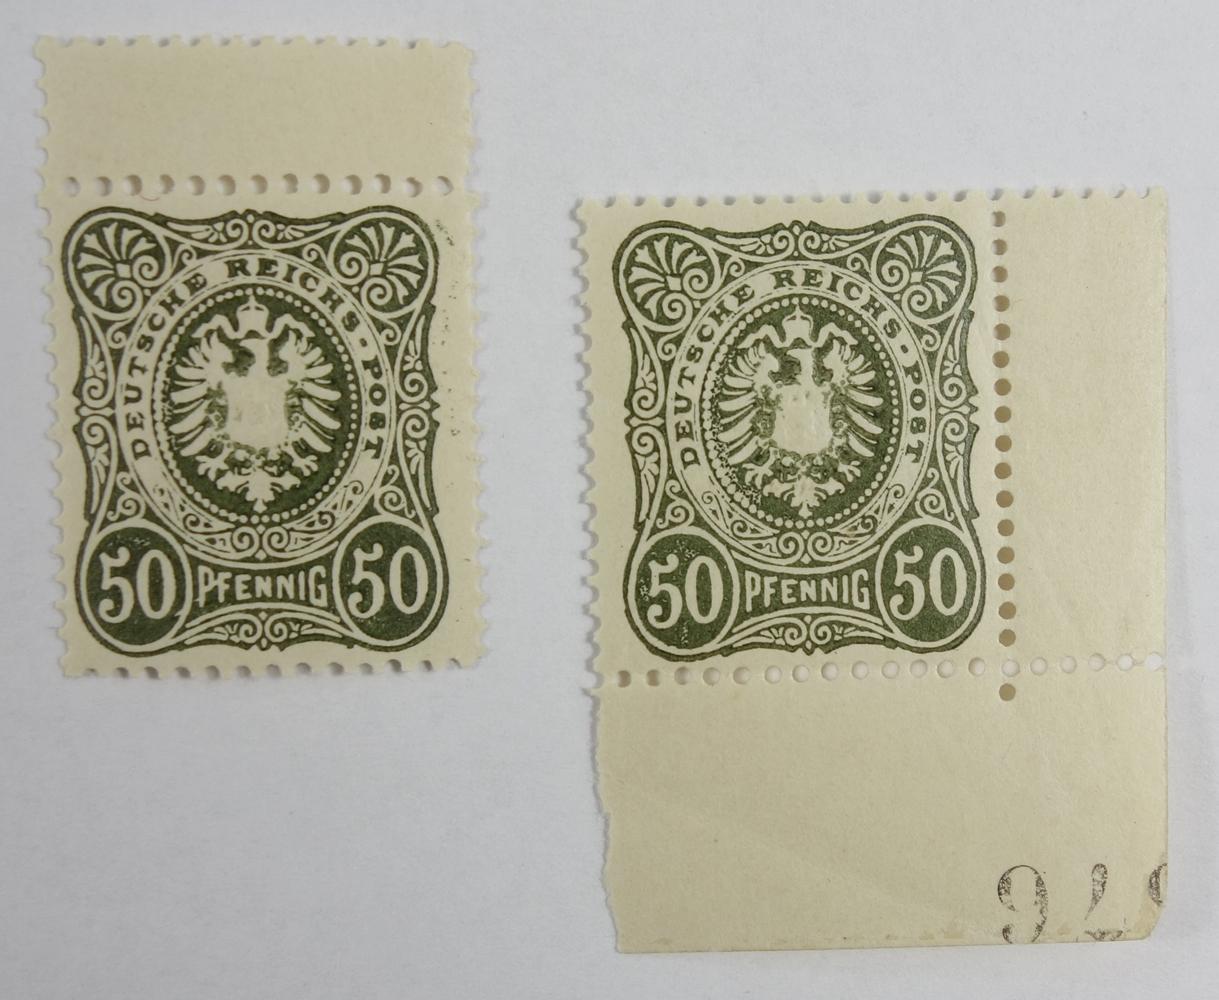 2* 50 Pfennig, Nr.DR 44, Kat.-Wert 160 €, postfrisch2 * 50 Pfennig, No.DR 44, catalog value 160 €,